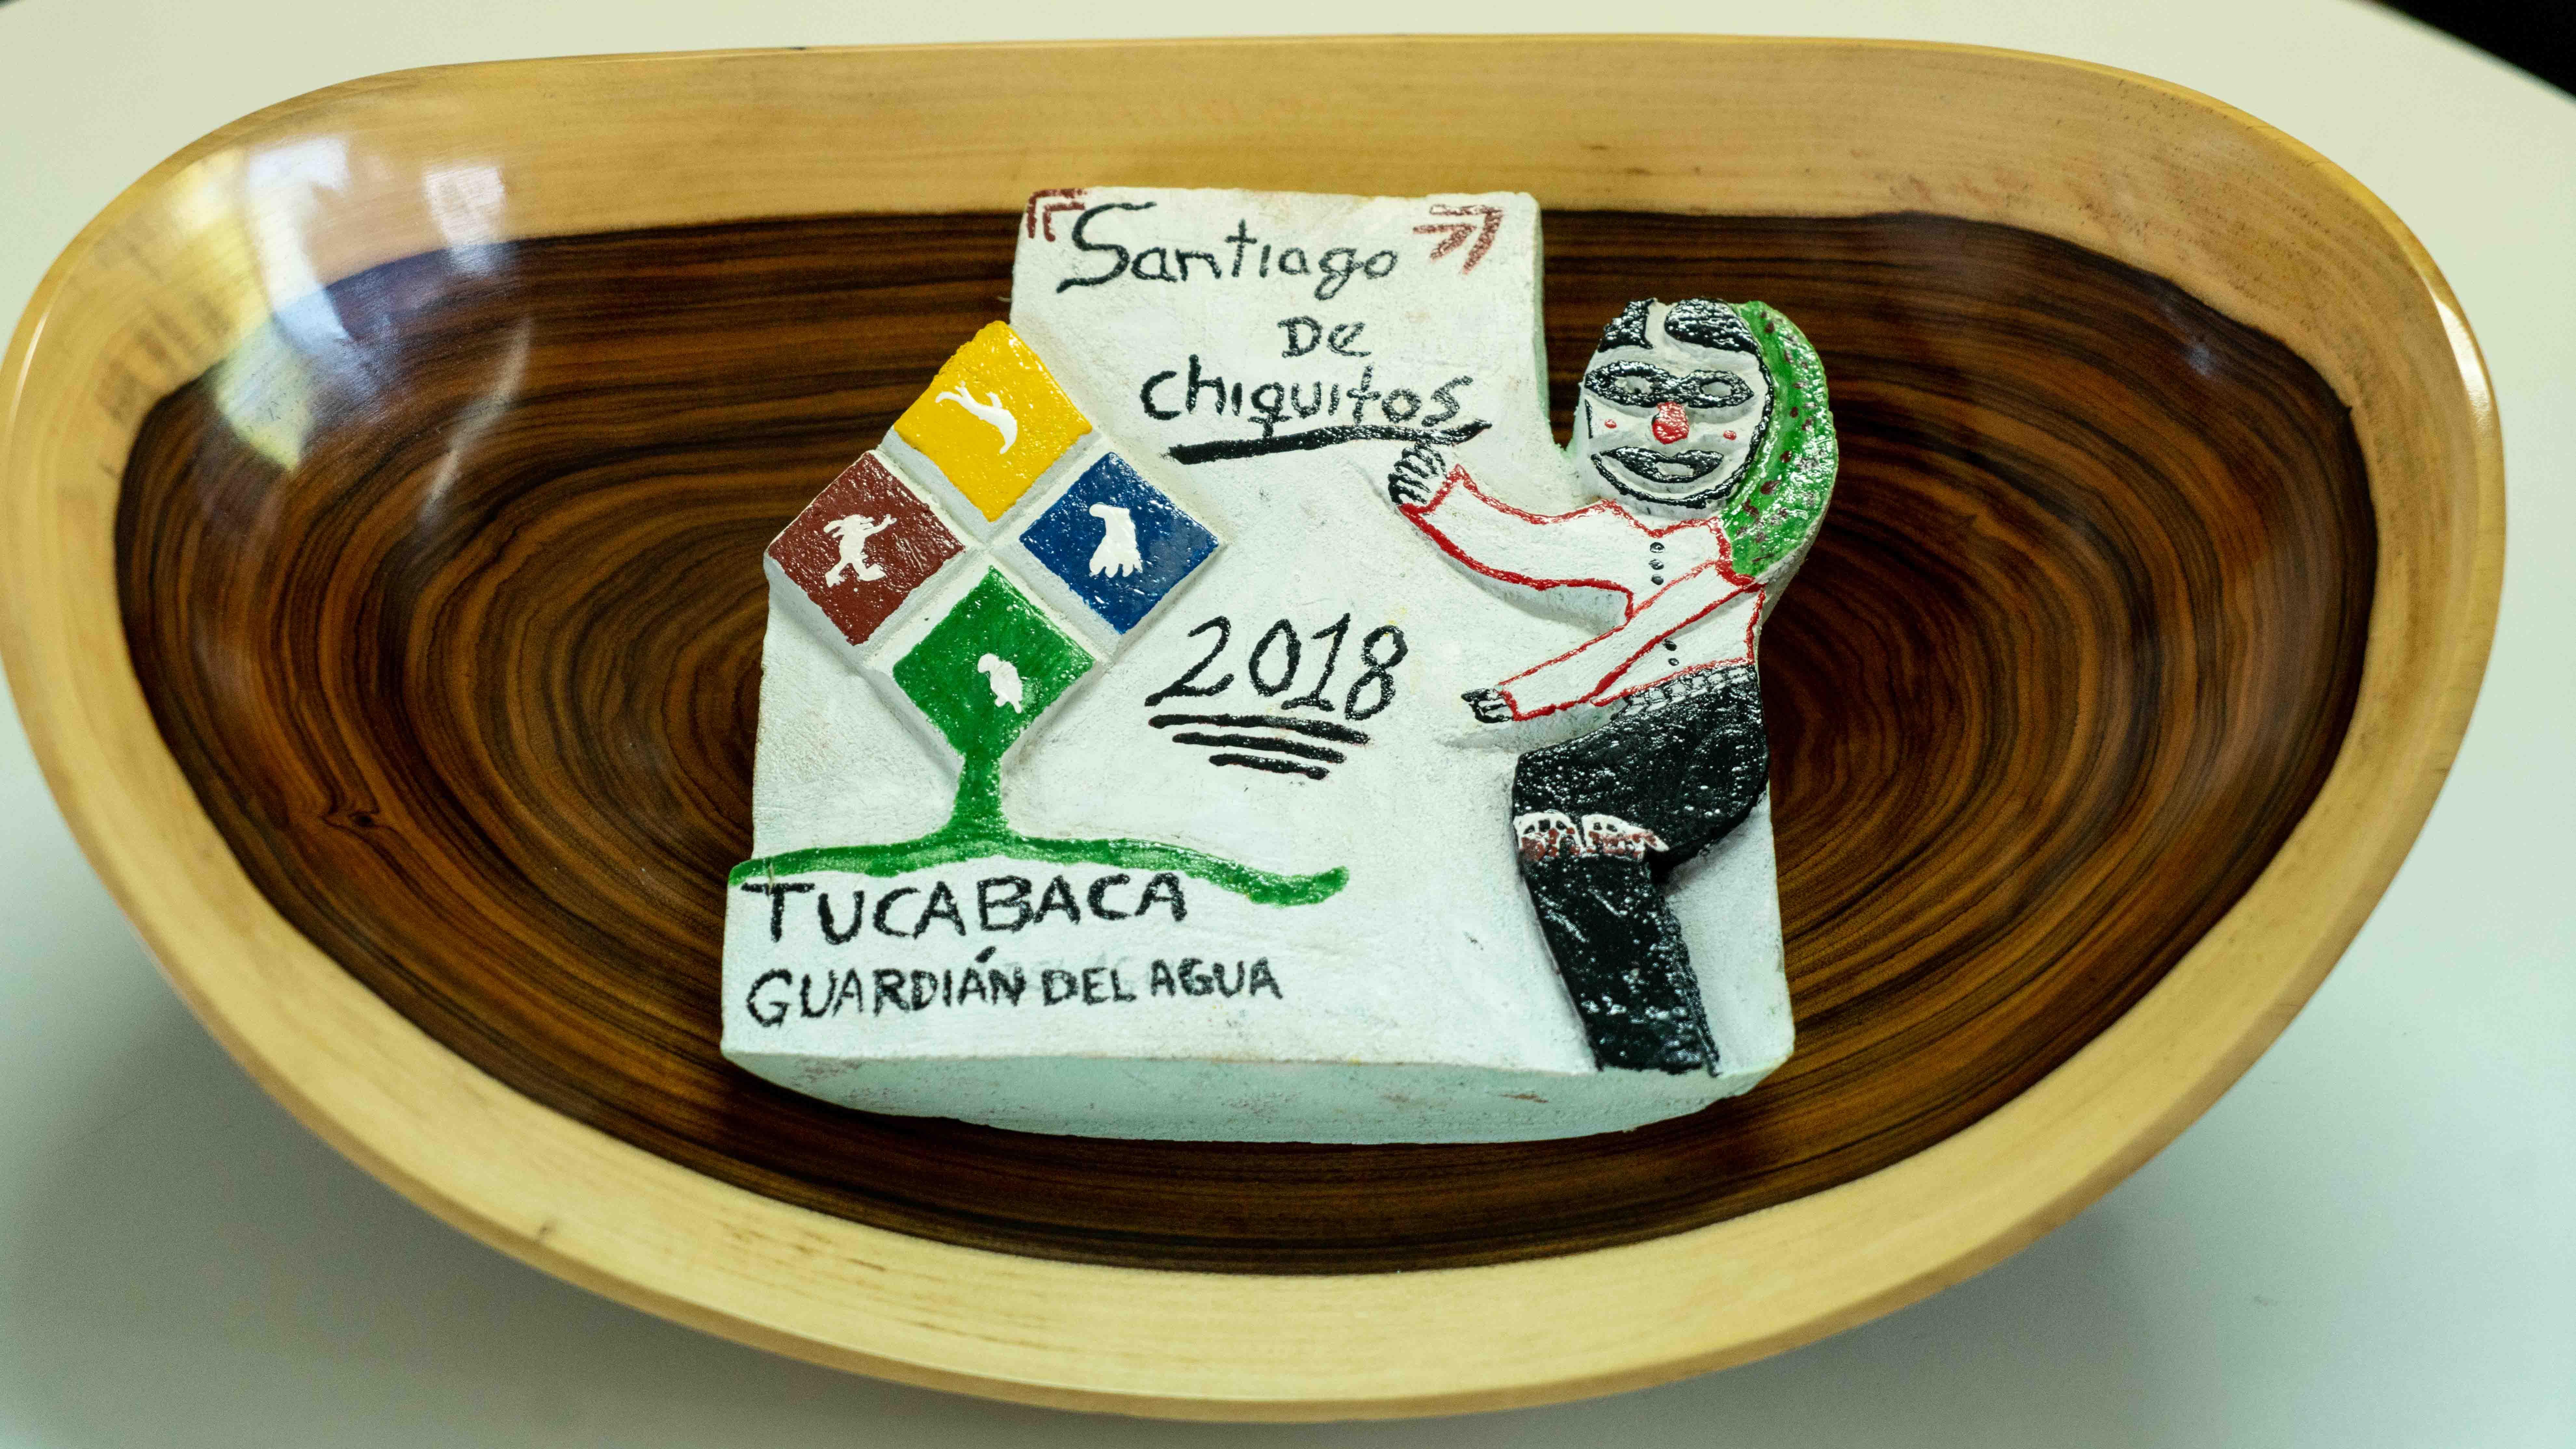 ¡Felicitamos y agradecemos a Santiago de Chiquitos!